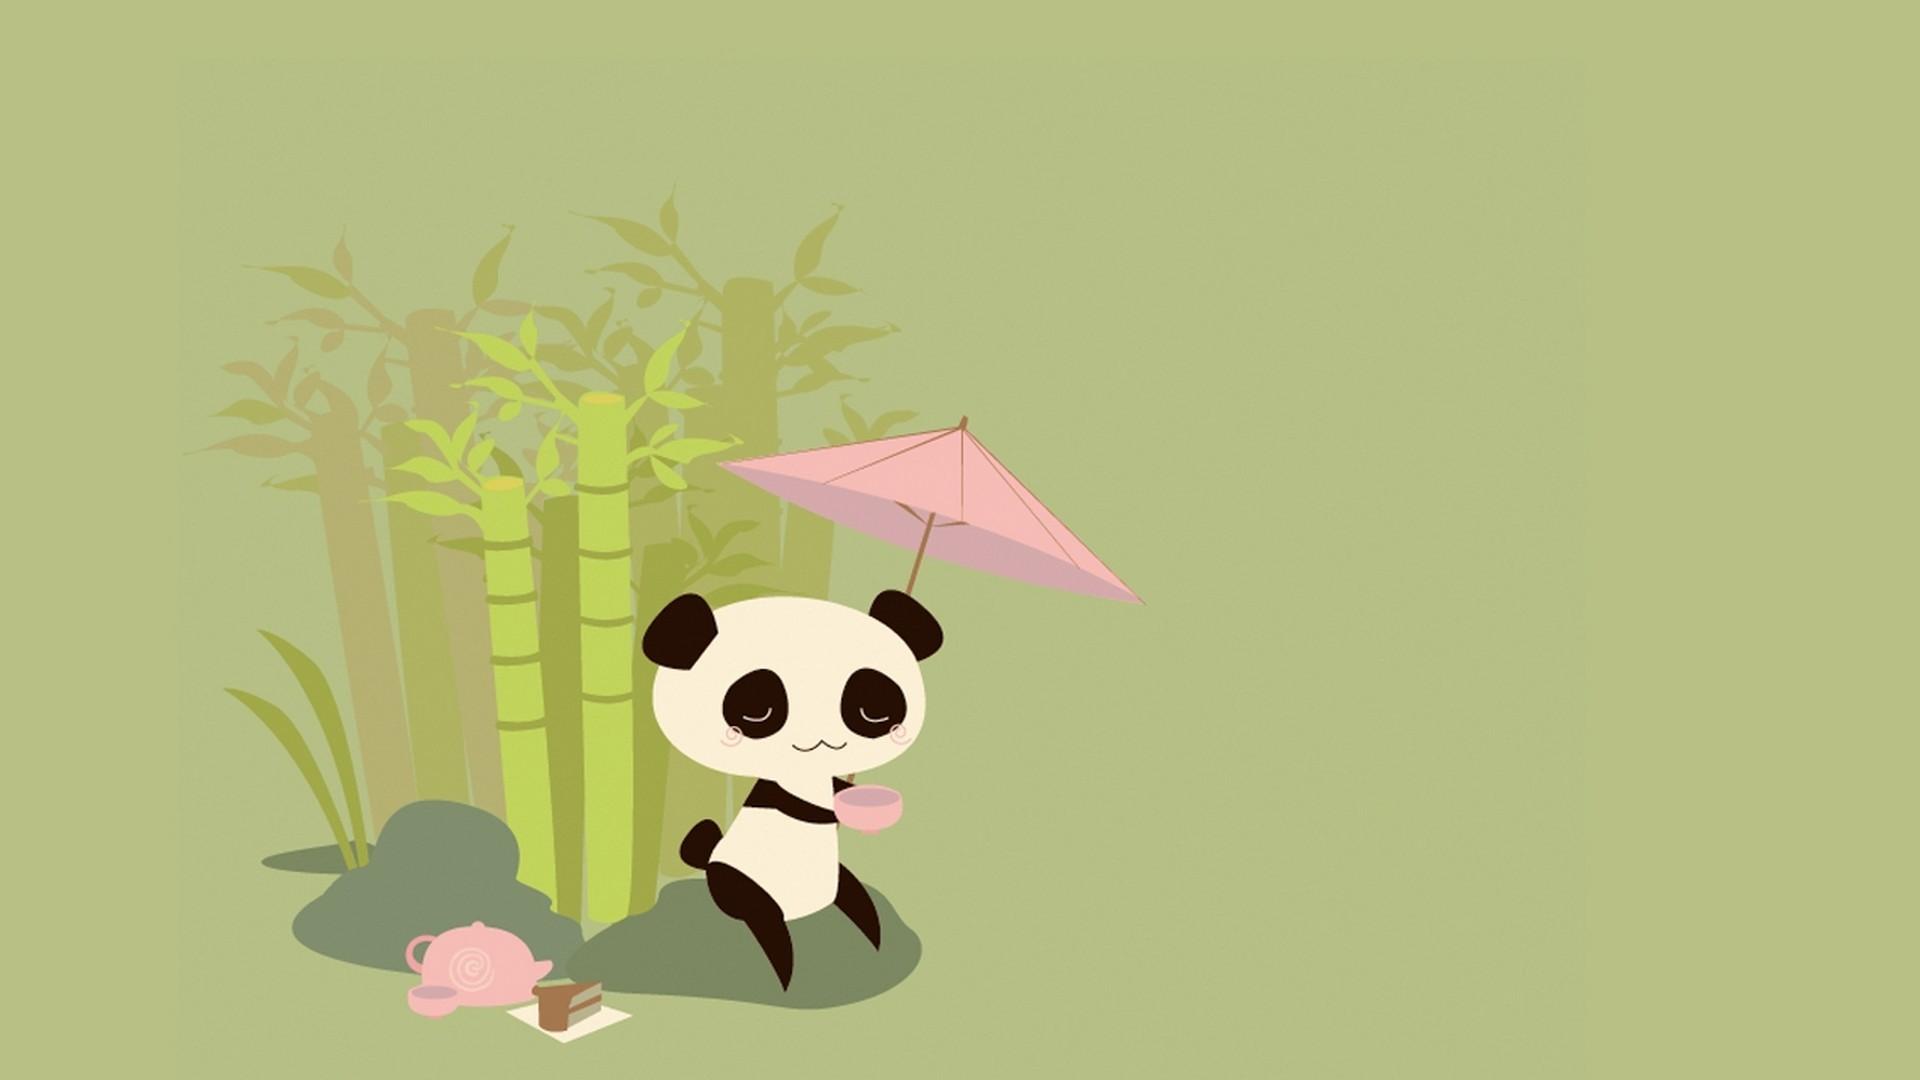 1920x1080 Cute Panda Drawing Wallpaper